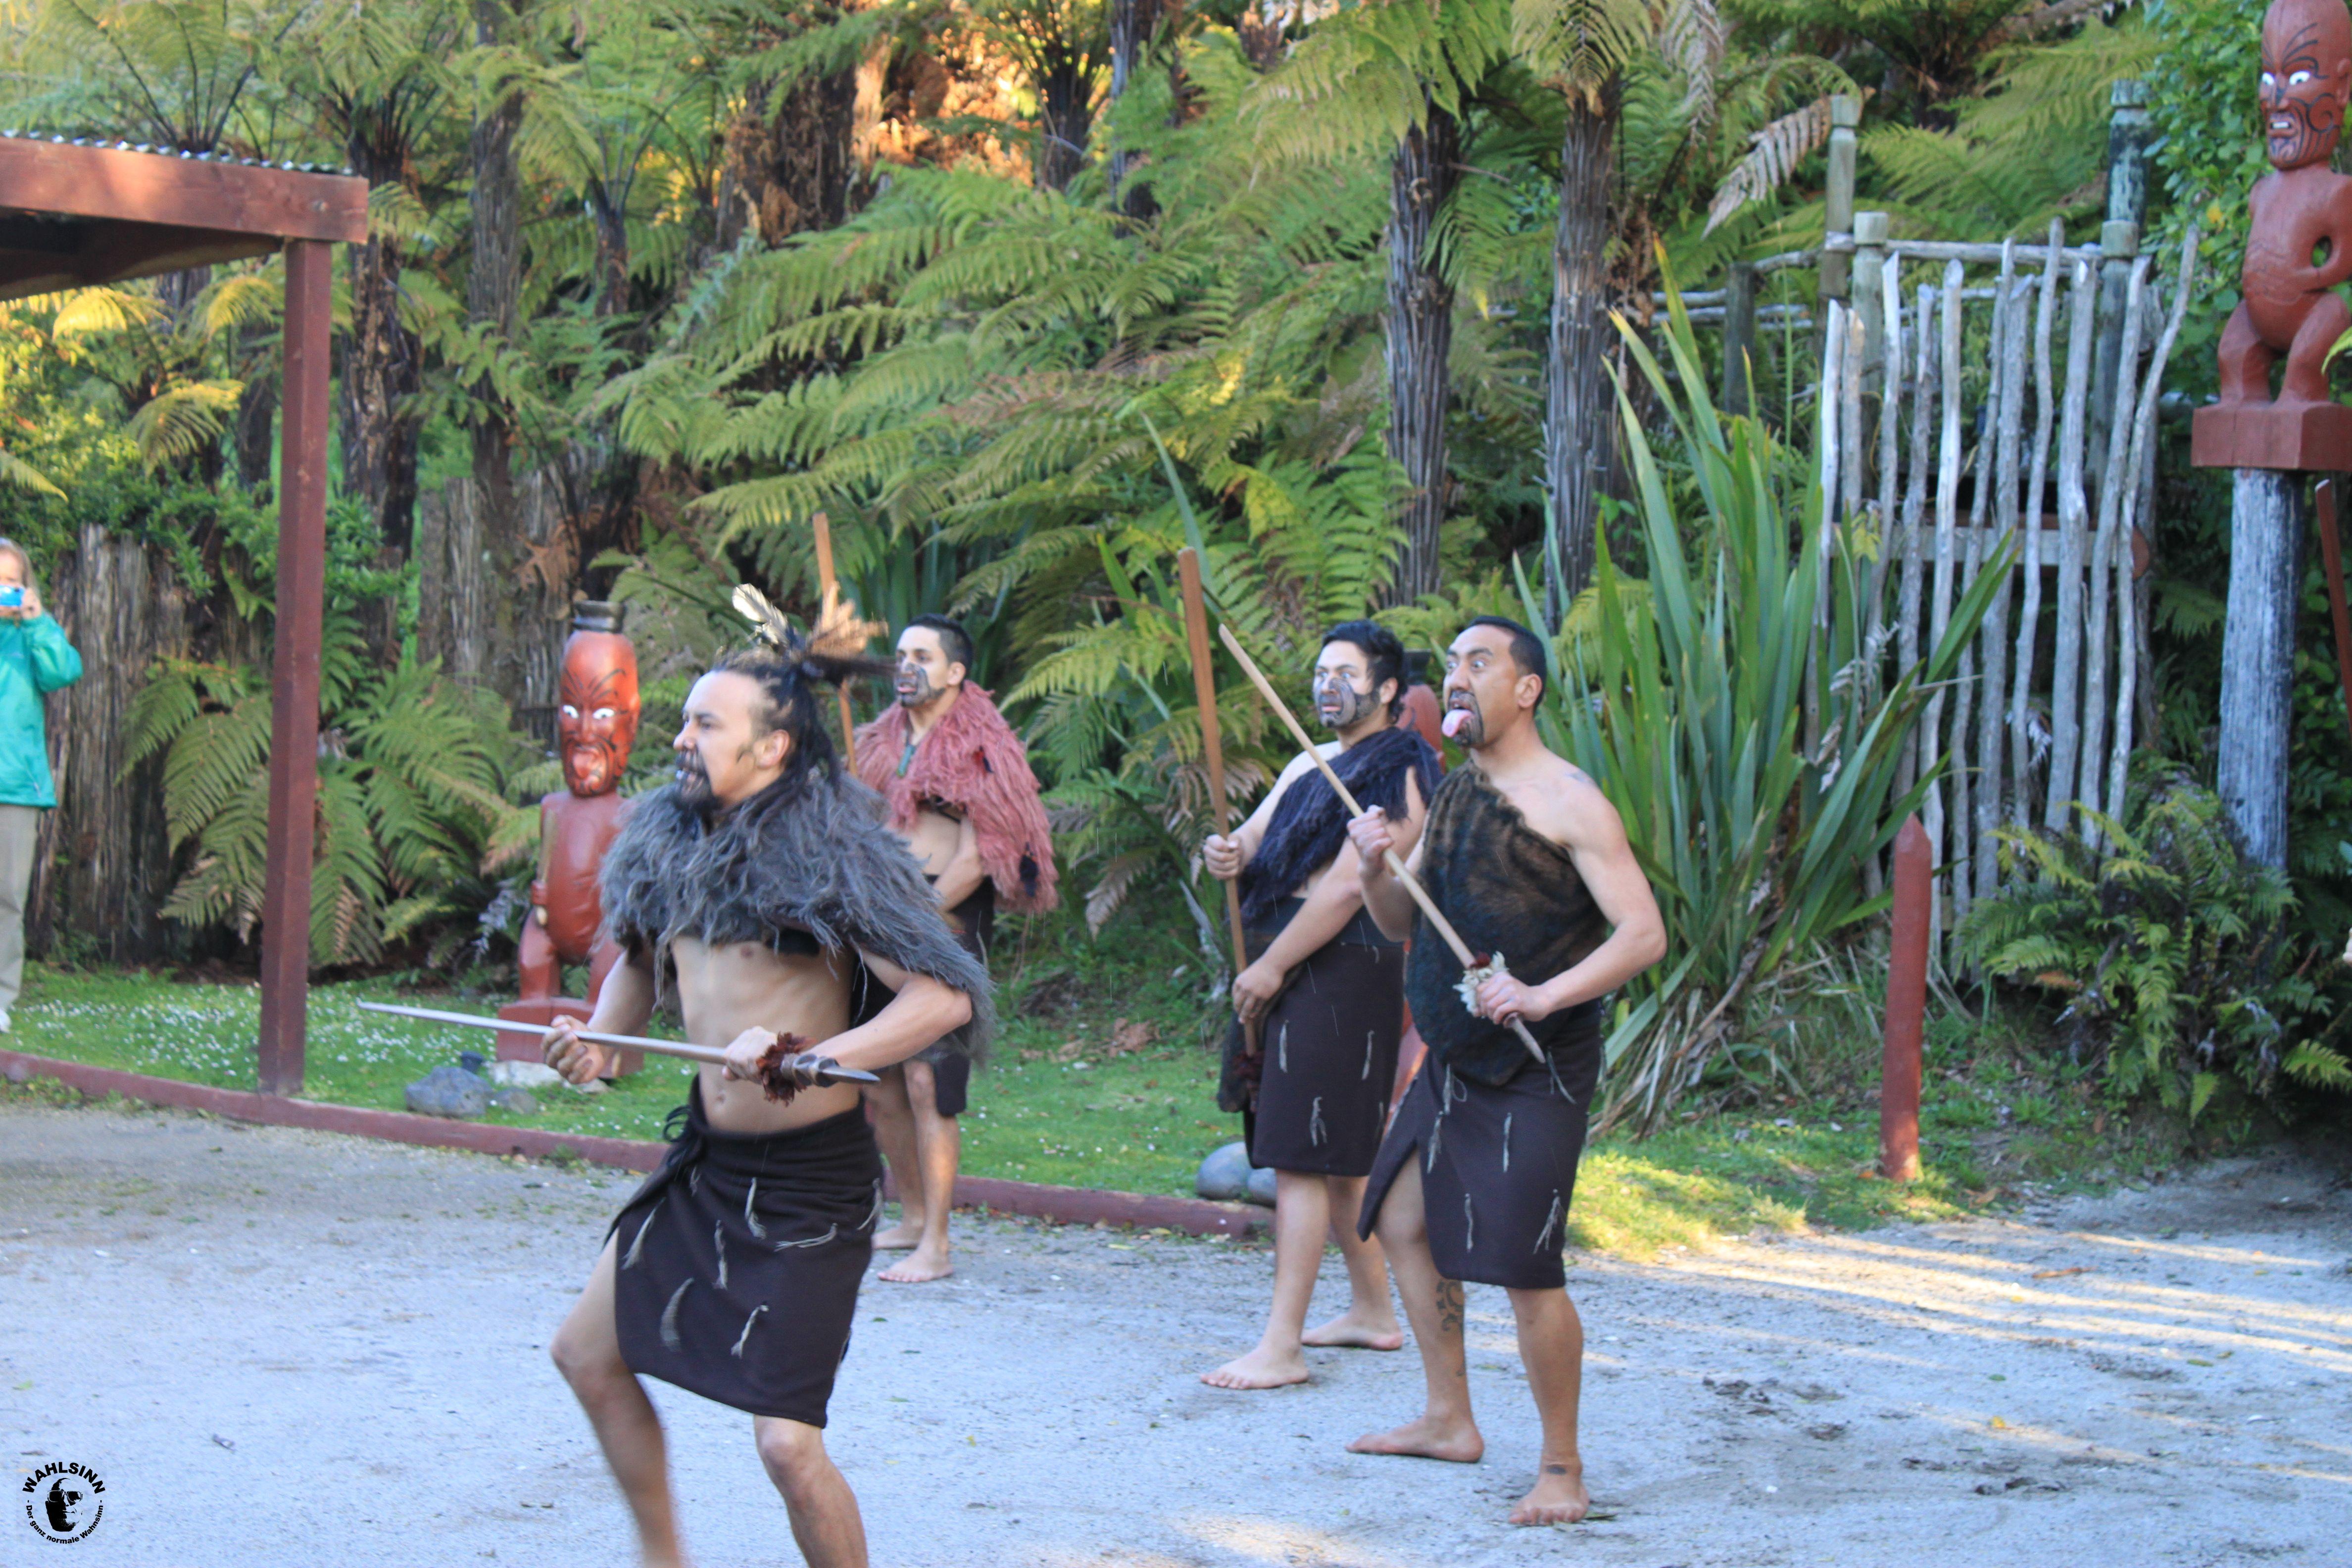 Man muss den Tanz der Maori bestehen und Respekt zeigen um ins Dorf zu kommen // Neuseeland